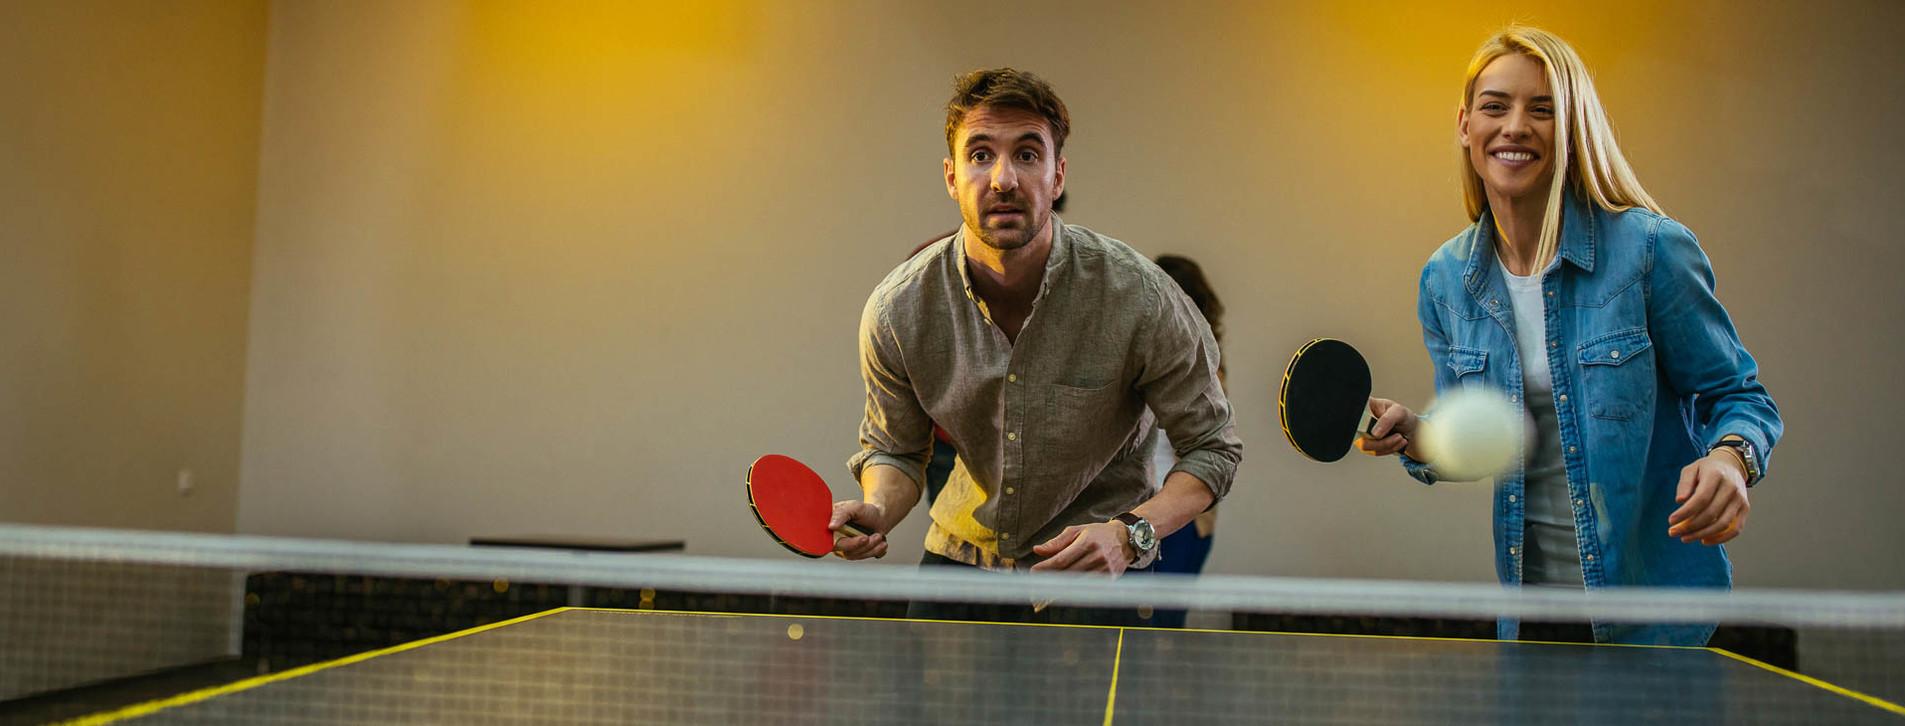 Фото 1 - Мастер-класс пинг-понга для двоих